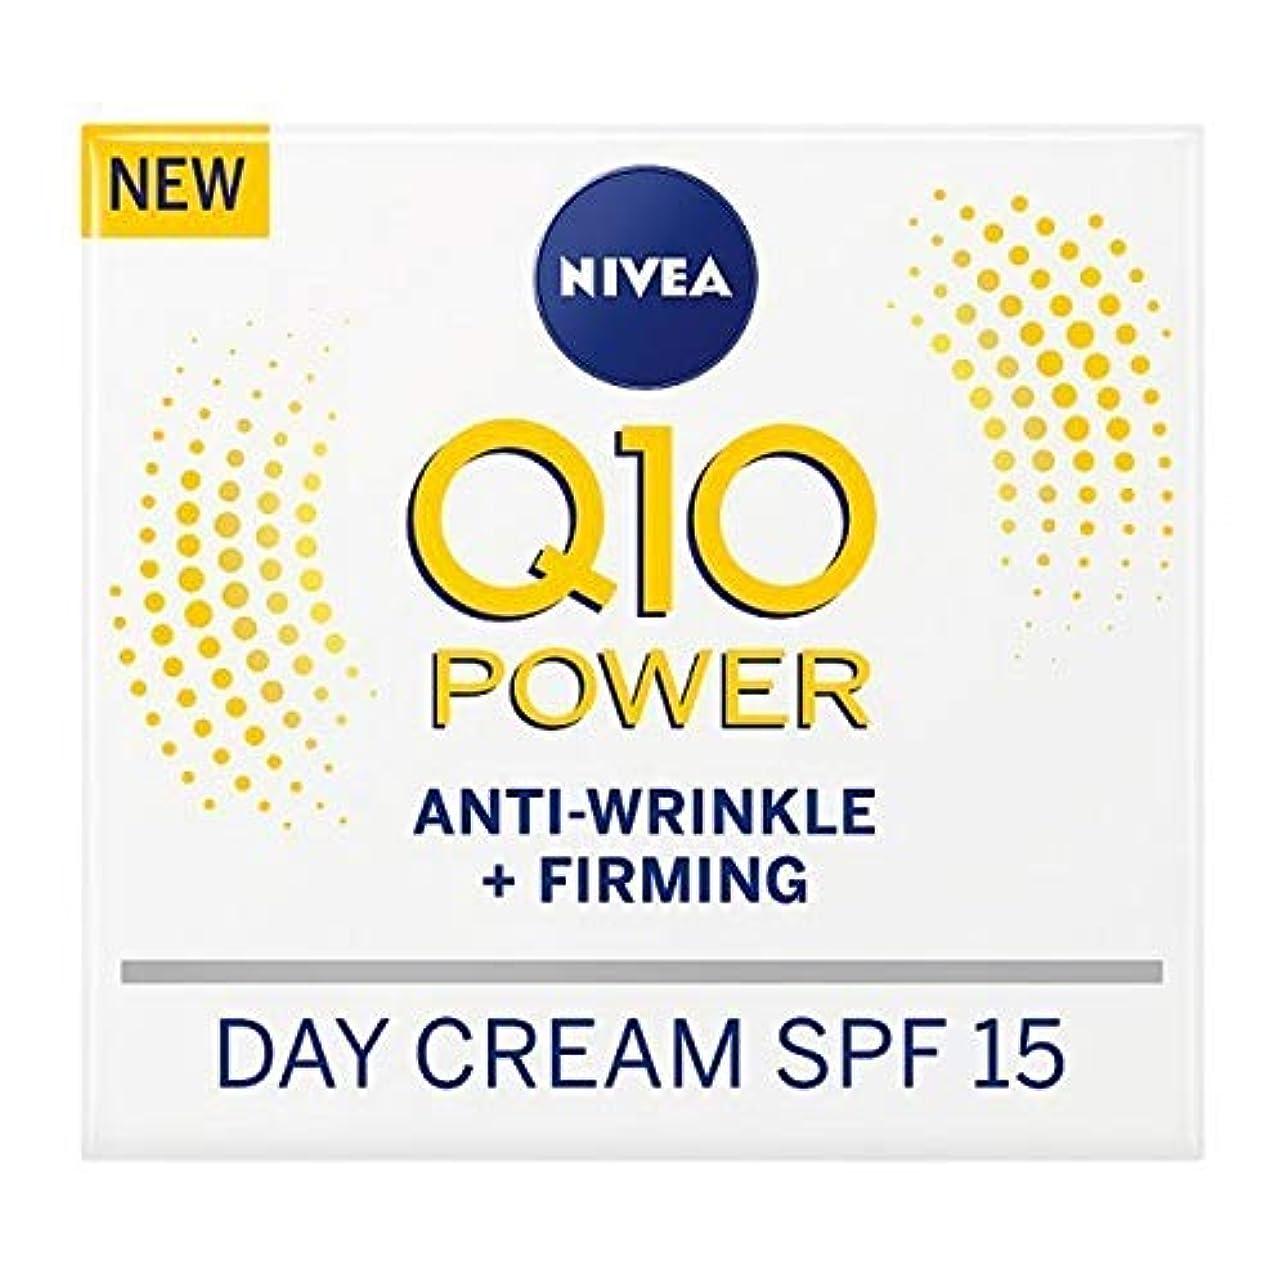 私マーカーガウン[Nivea ] ニベアQ10パワー抗しわ引き締めフェイスクリーム50Ml - NIVEA Q10 Power Anti-Wrinkle Firming Face Cream 50ml [並行輸入品]